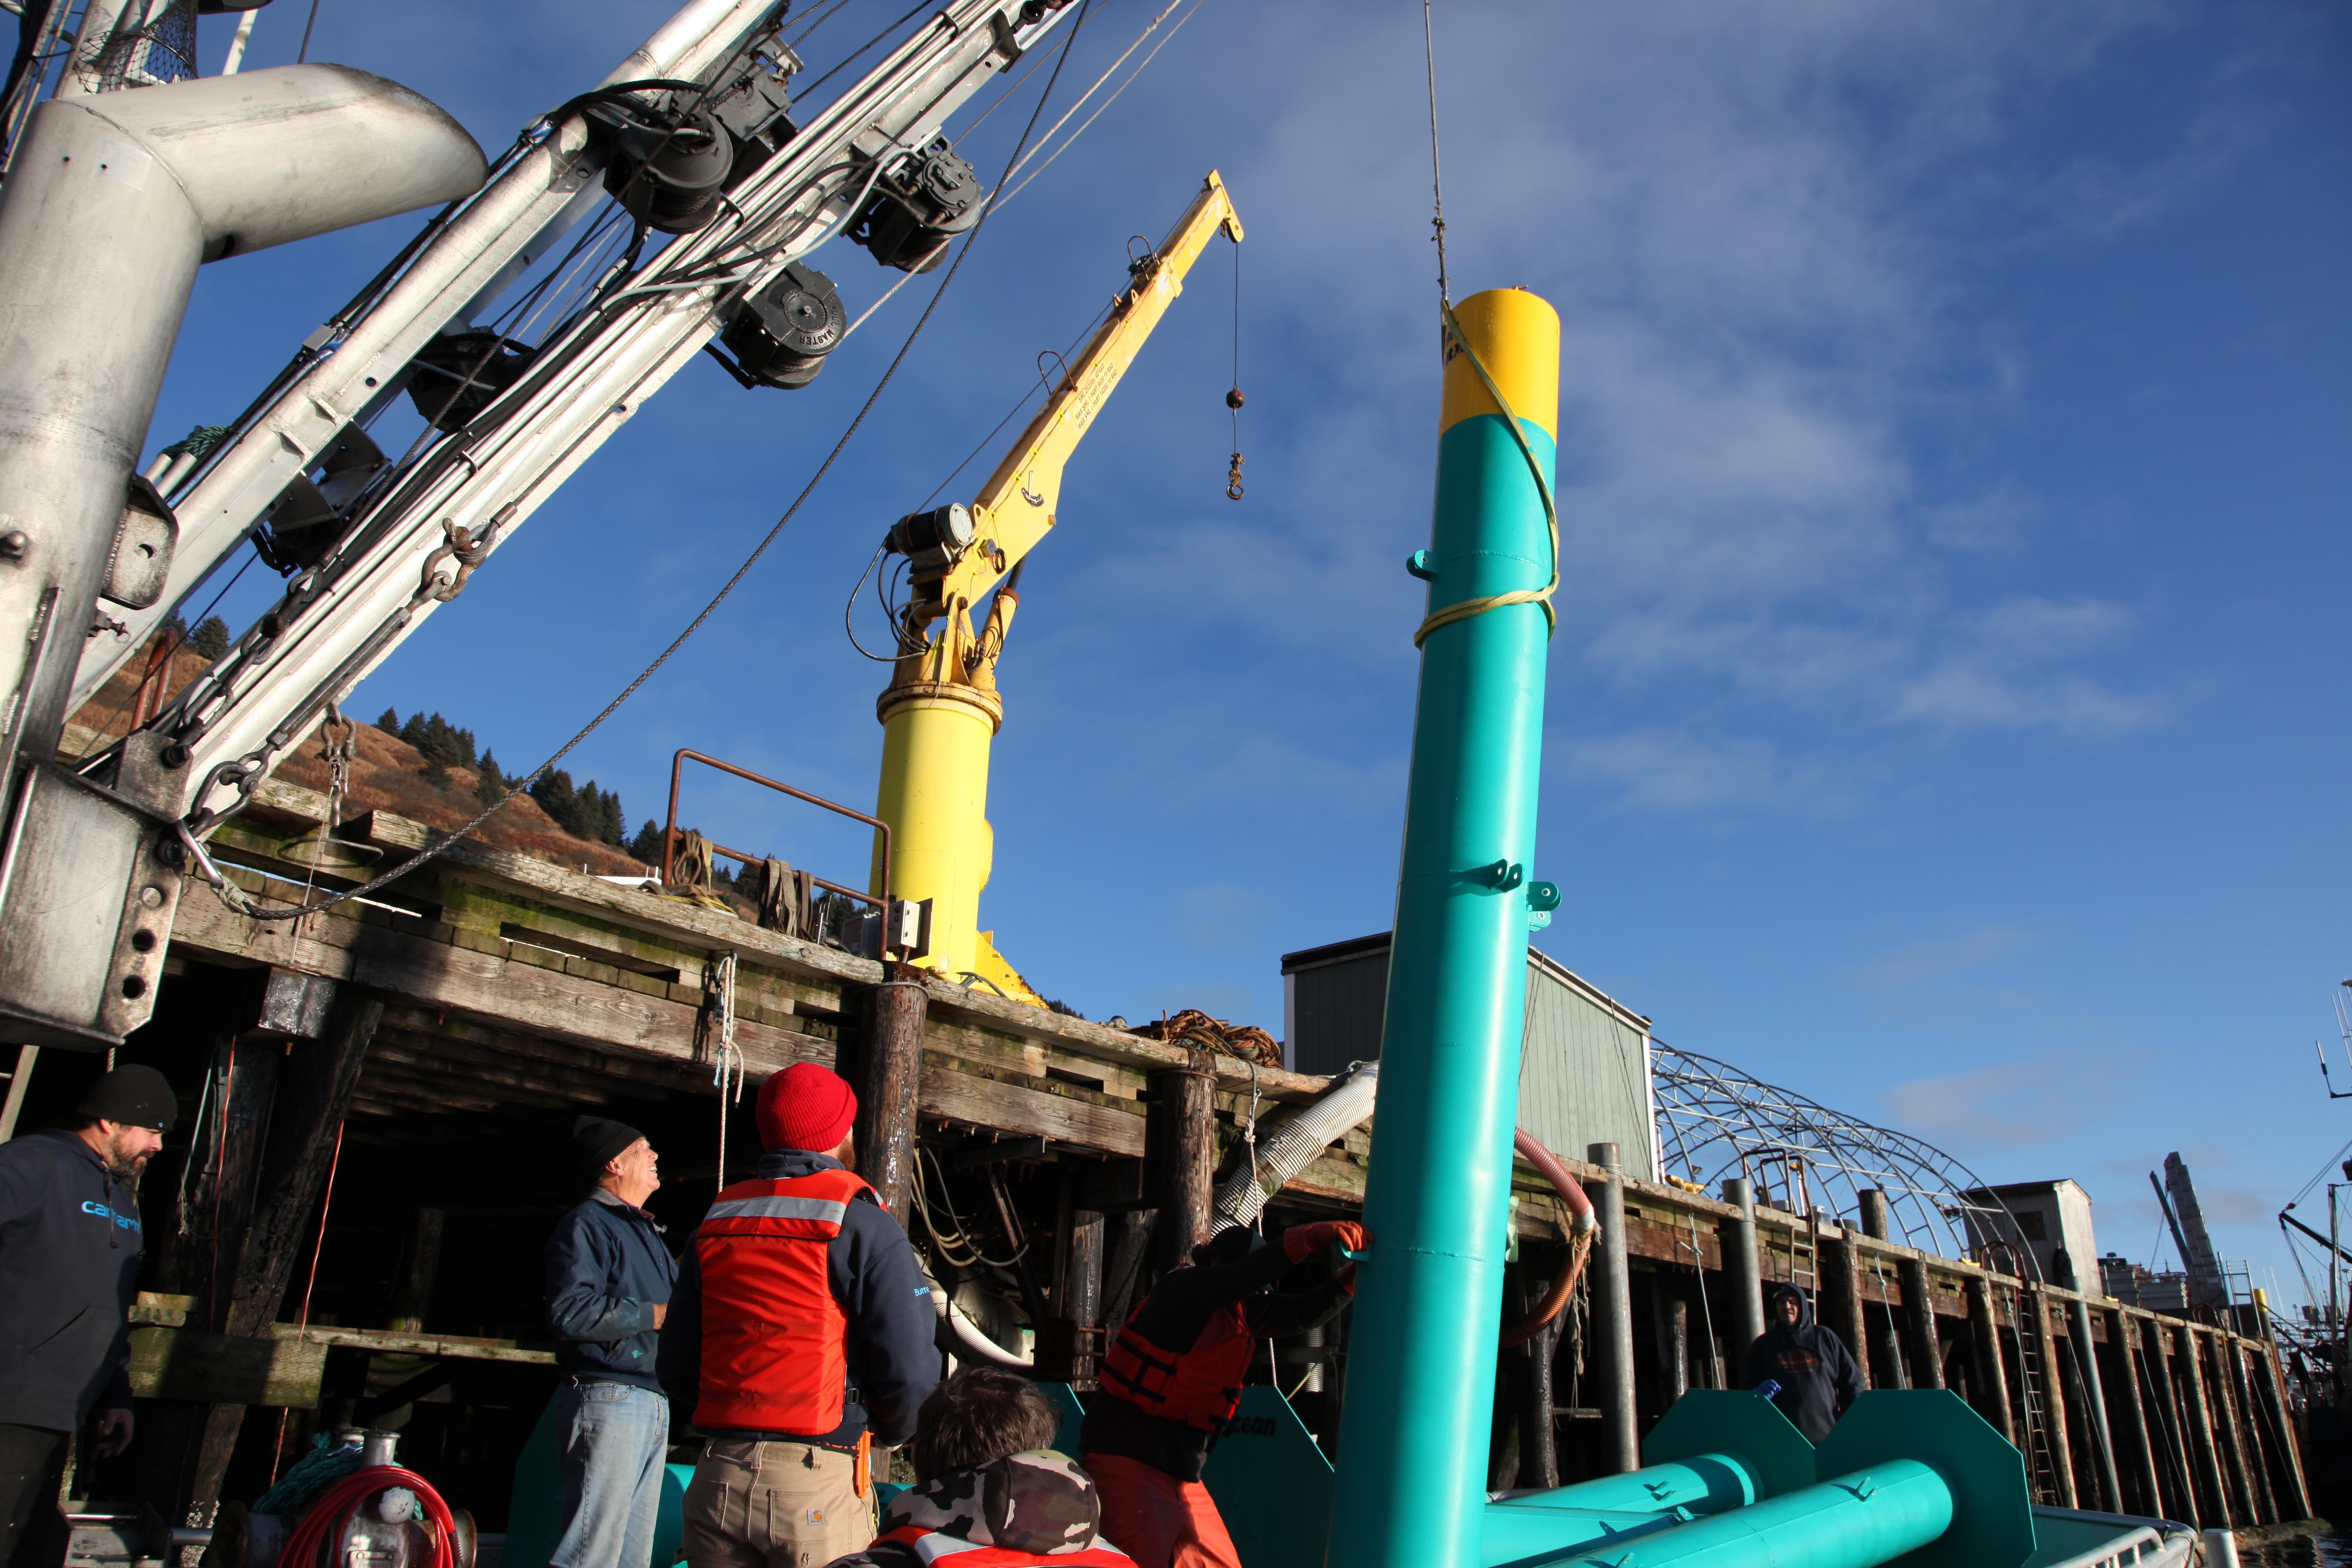 Copy of loading buoys